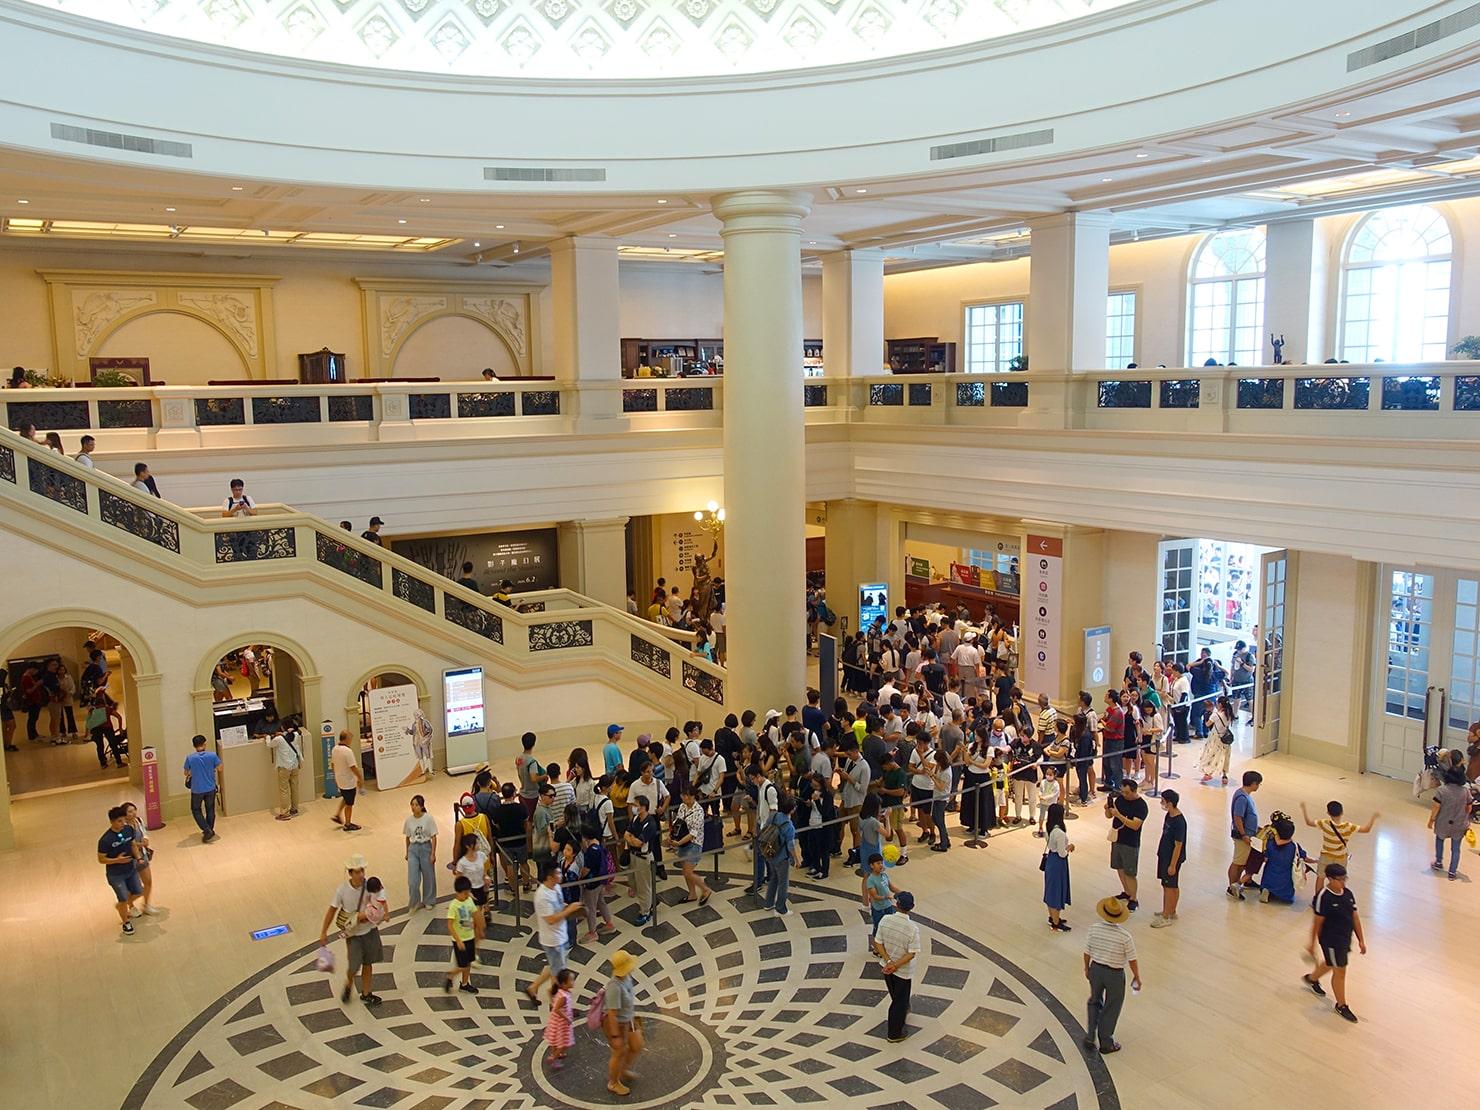 台南市街郊外のおすすめ観光スポット「奇美博物館」エントランスホール